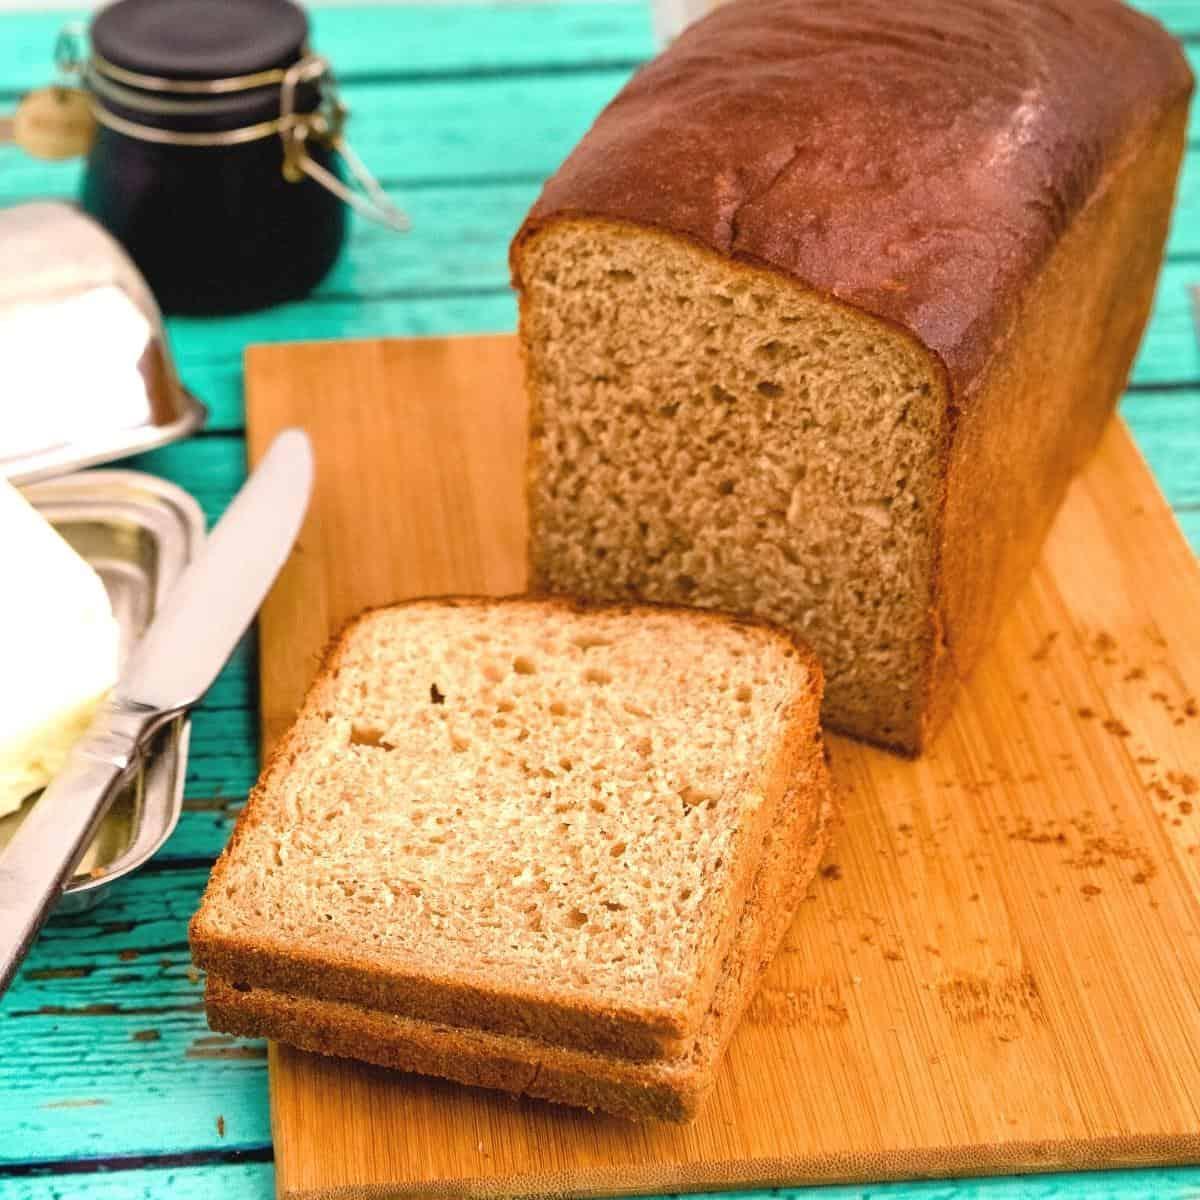 Sliced whole wheat sandwich loaf bread on a wooden board.